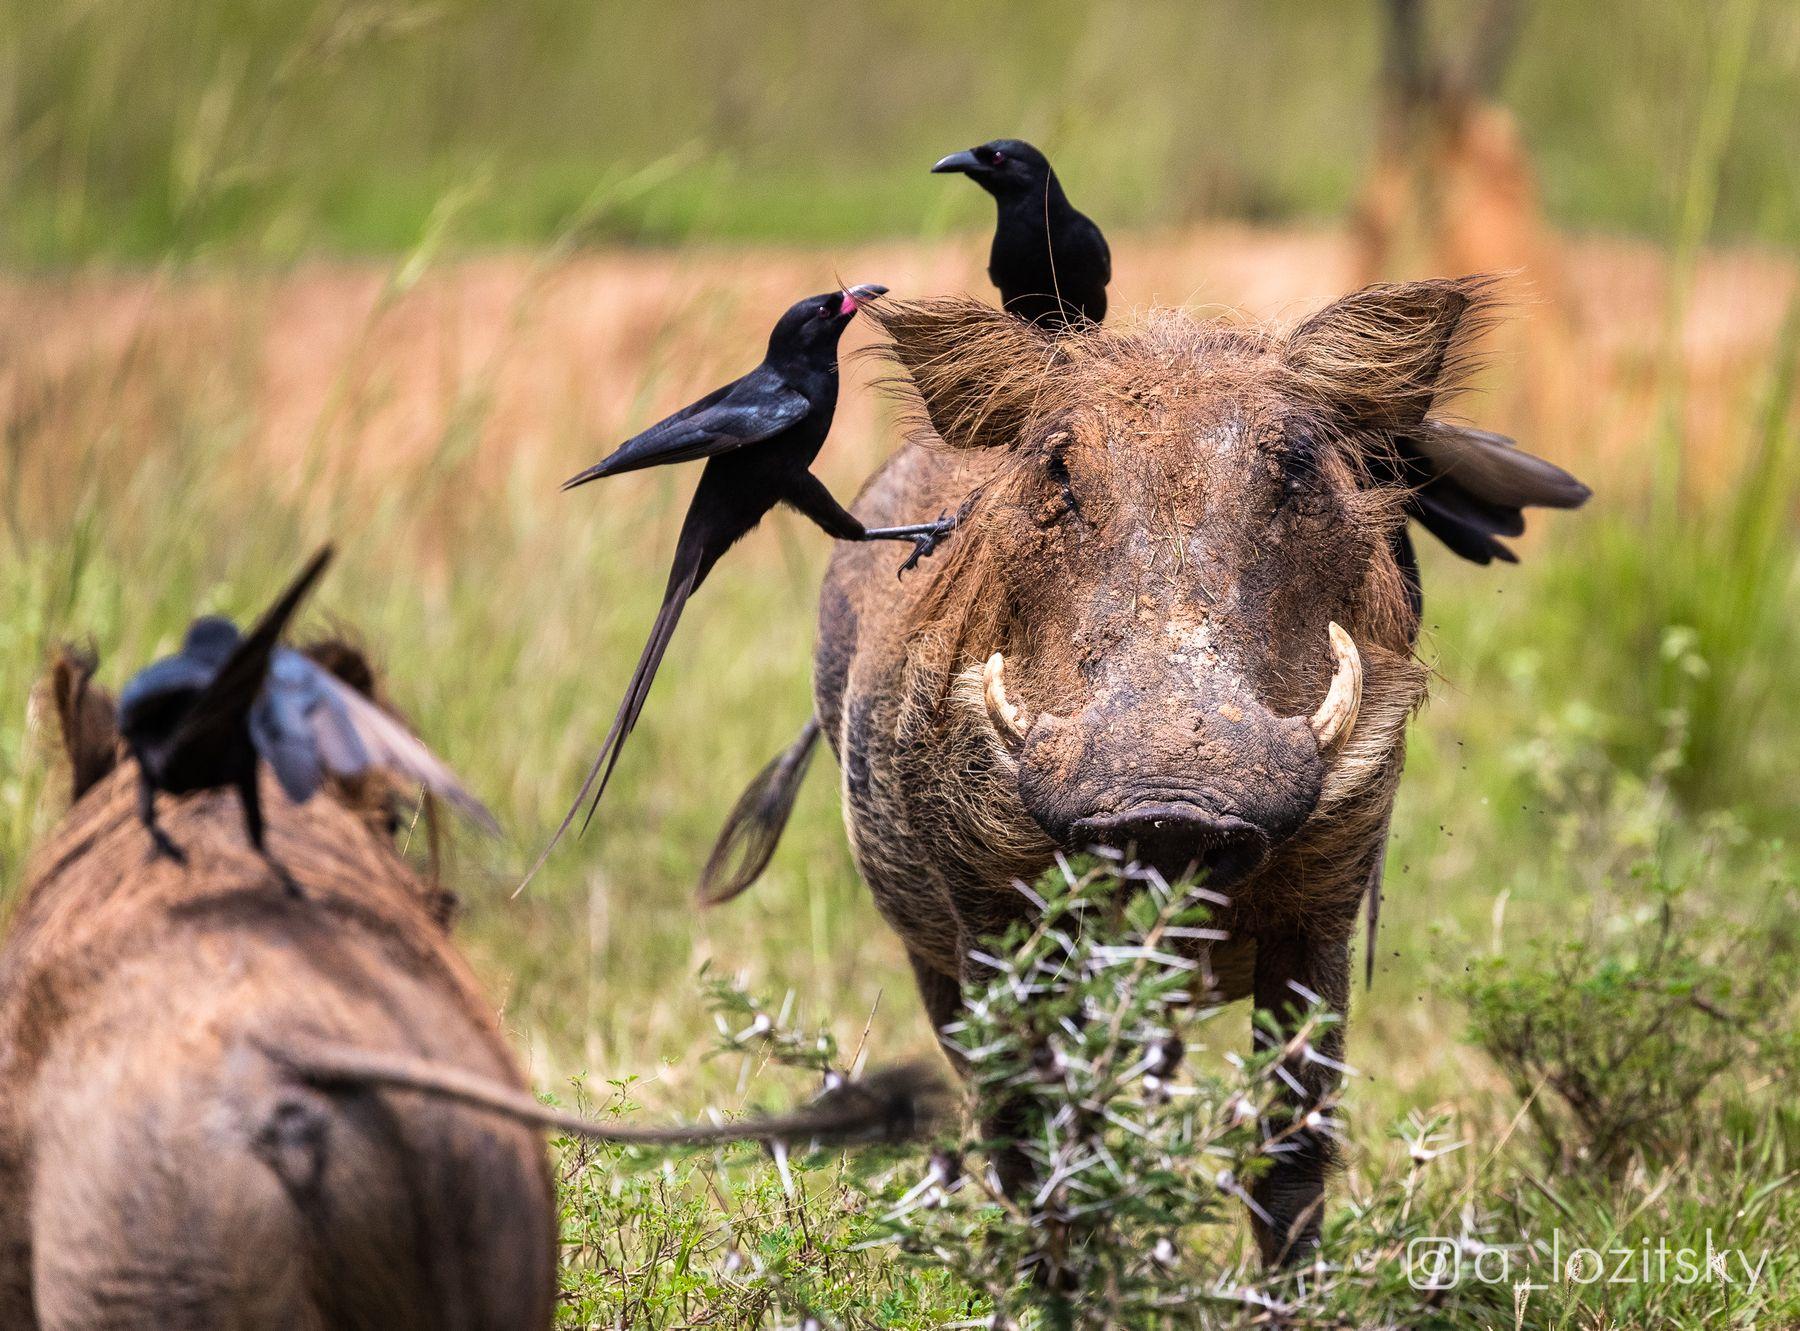 Бородавочники и их друзья вороны. Уганда.